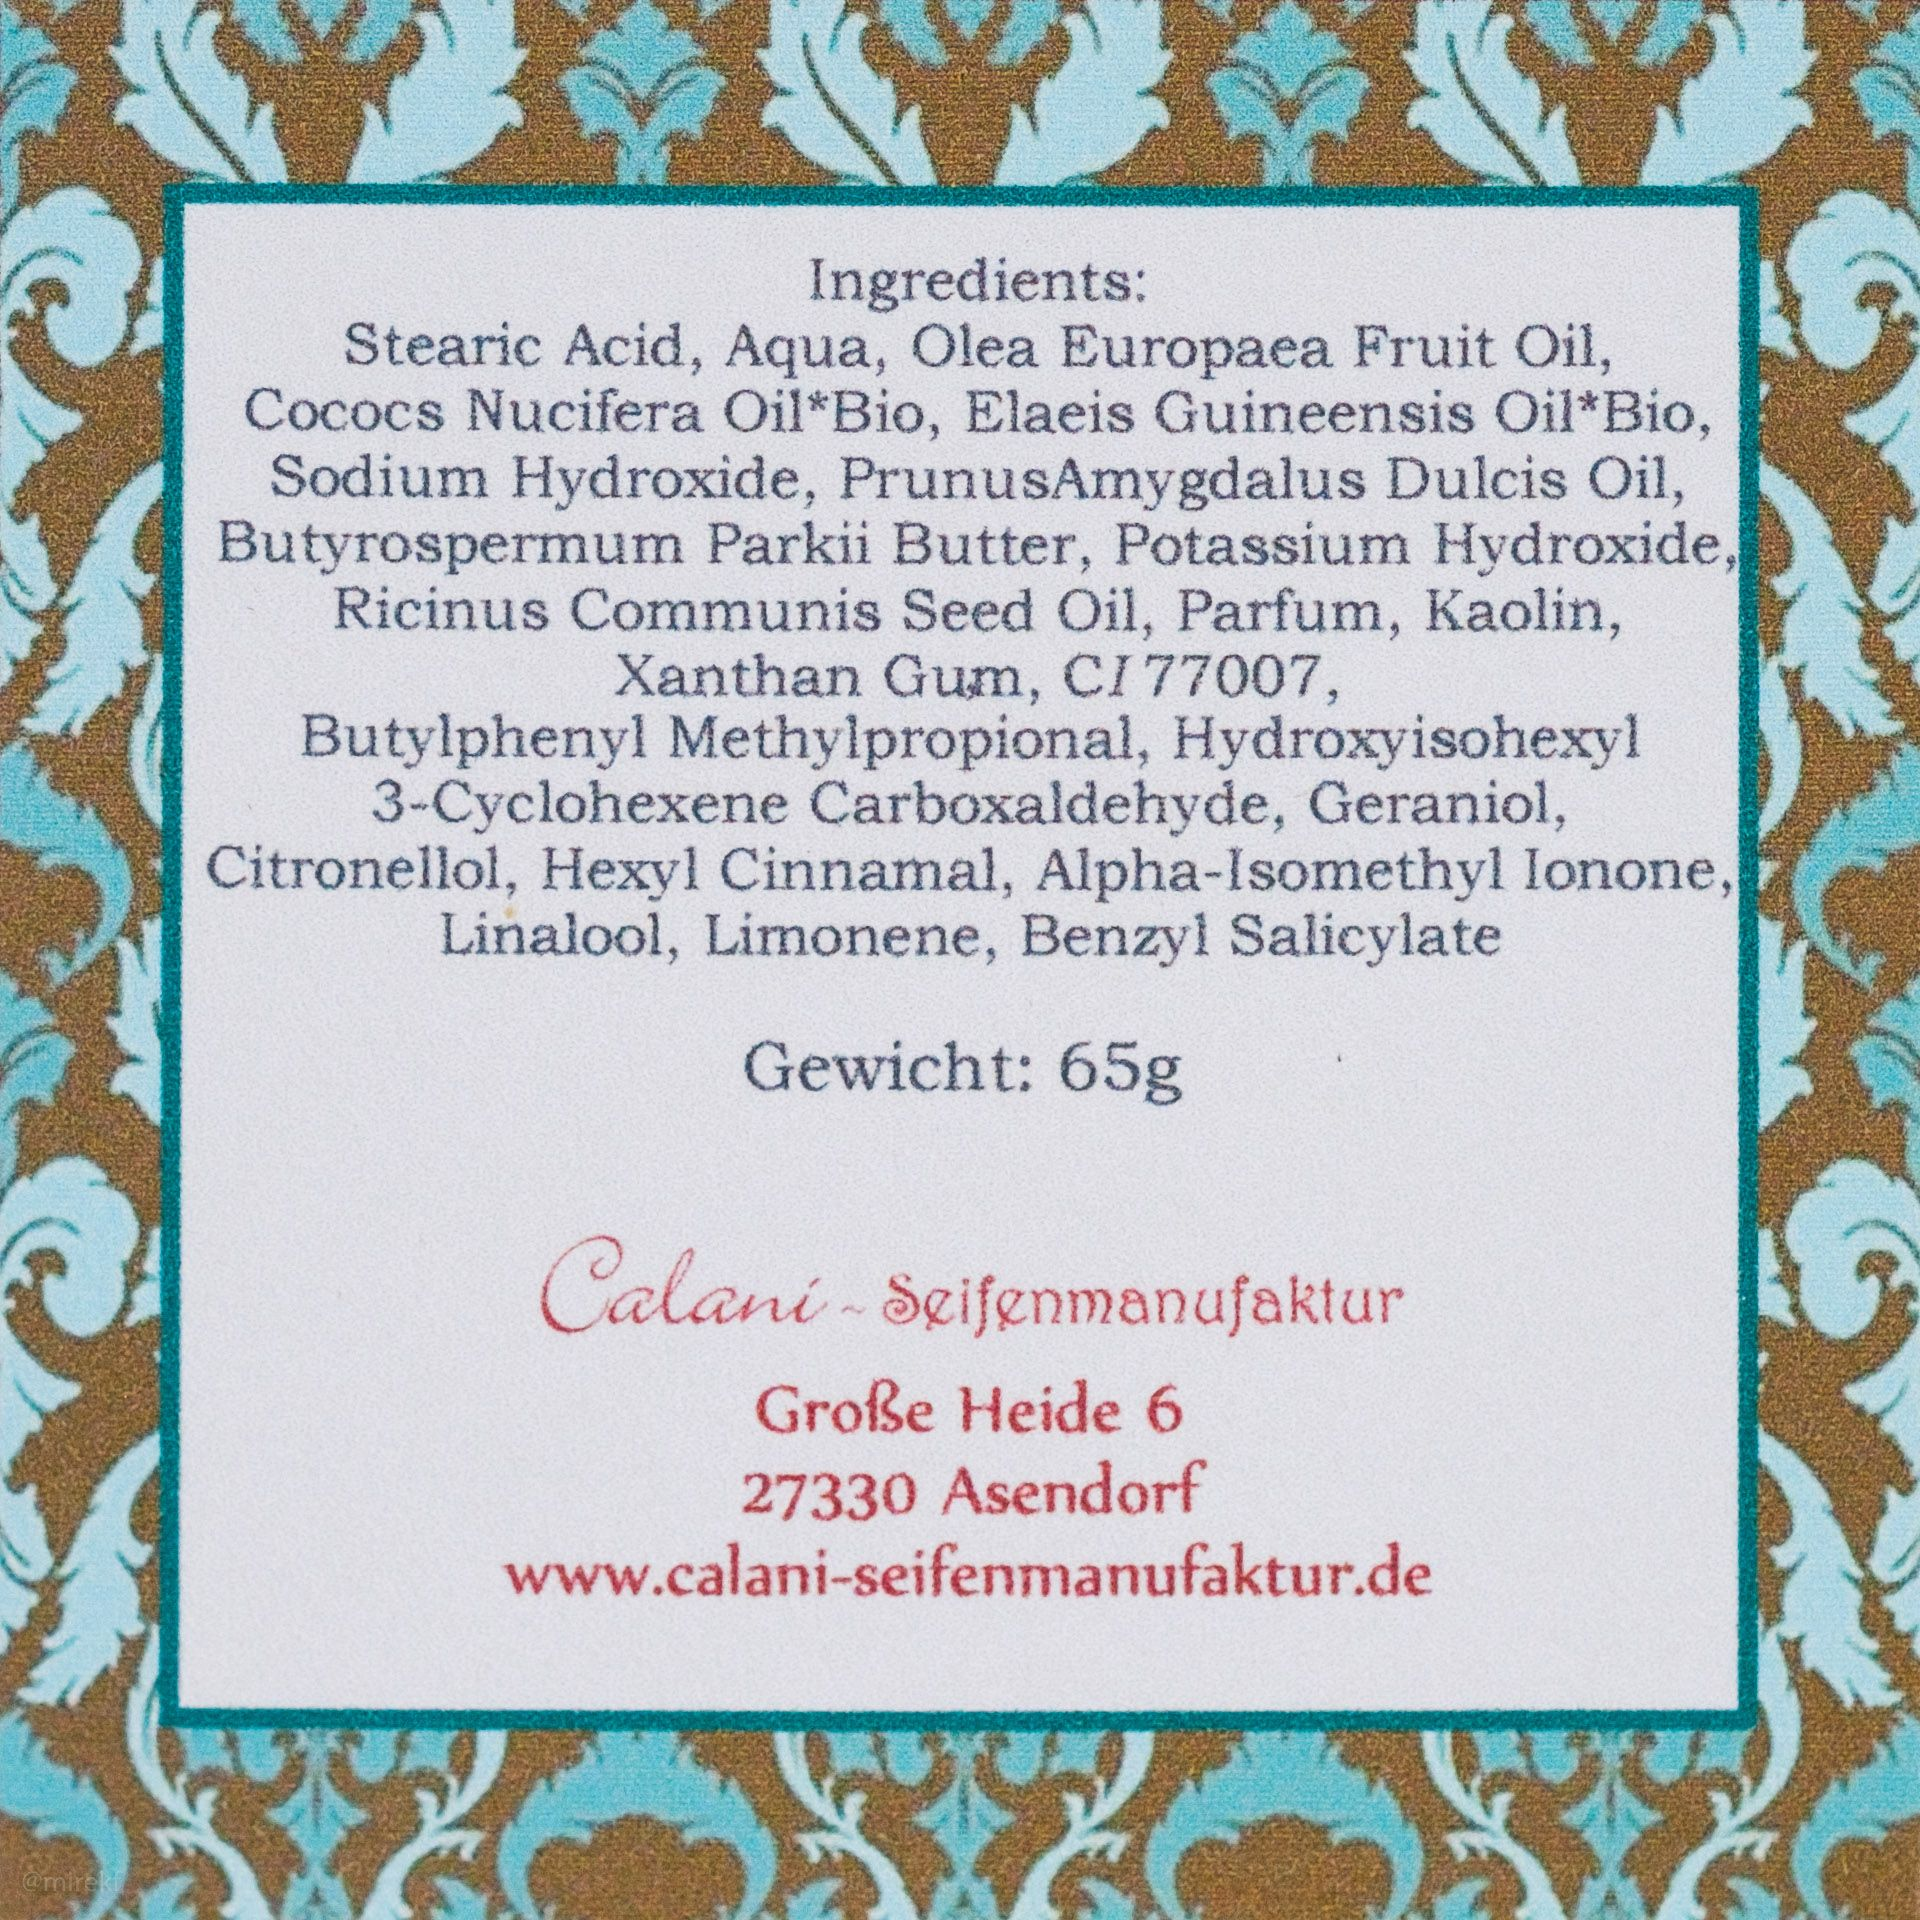 Skład mydła do golenia Calani Dubai Rasierseife (INCI Ingredients)